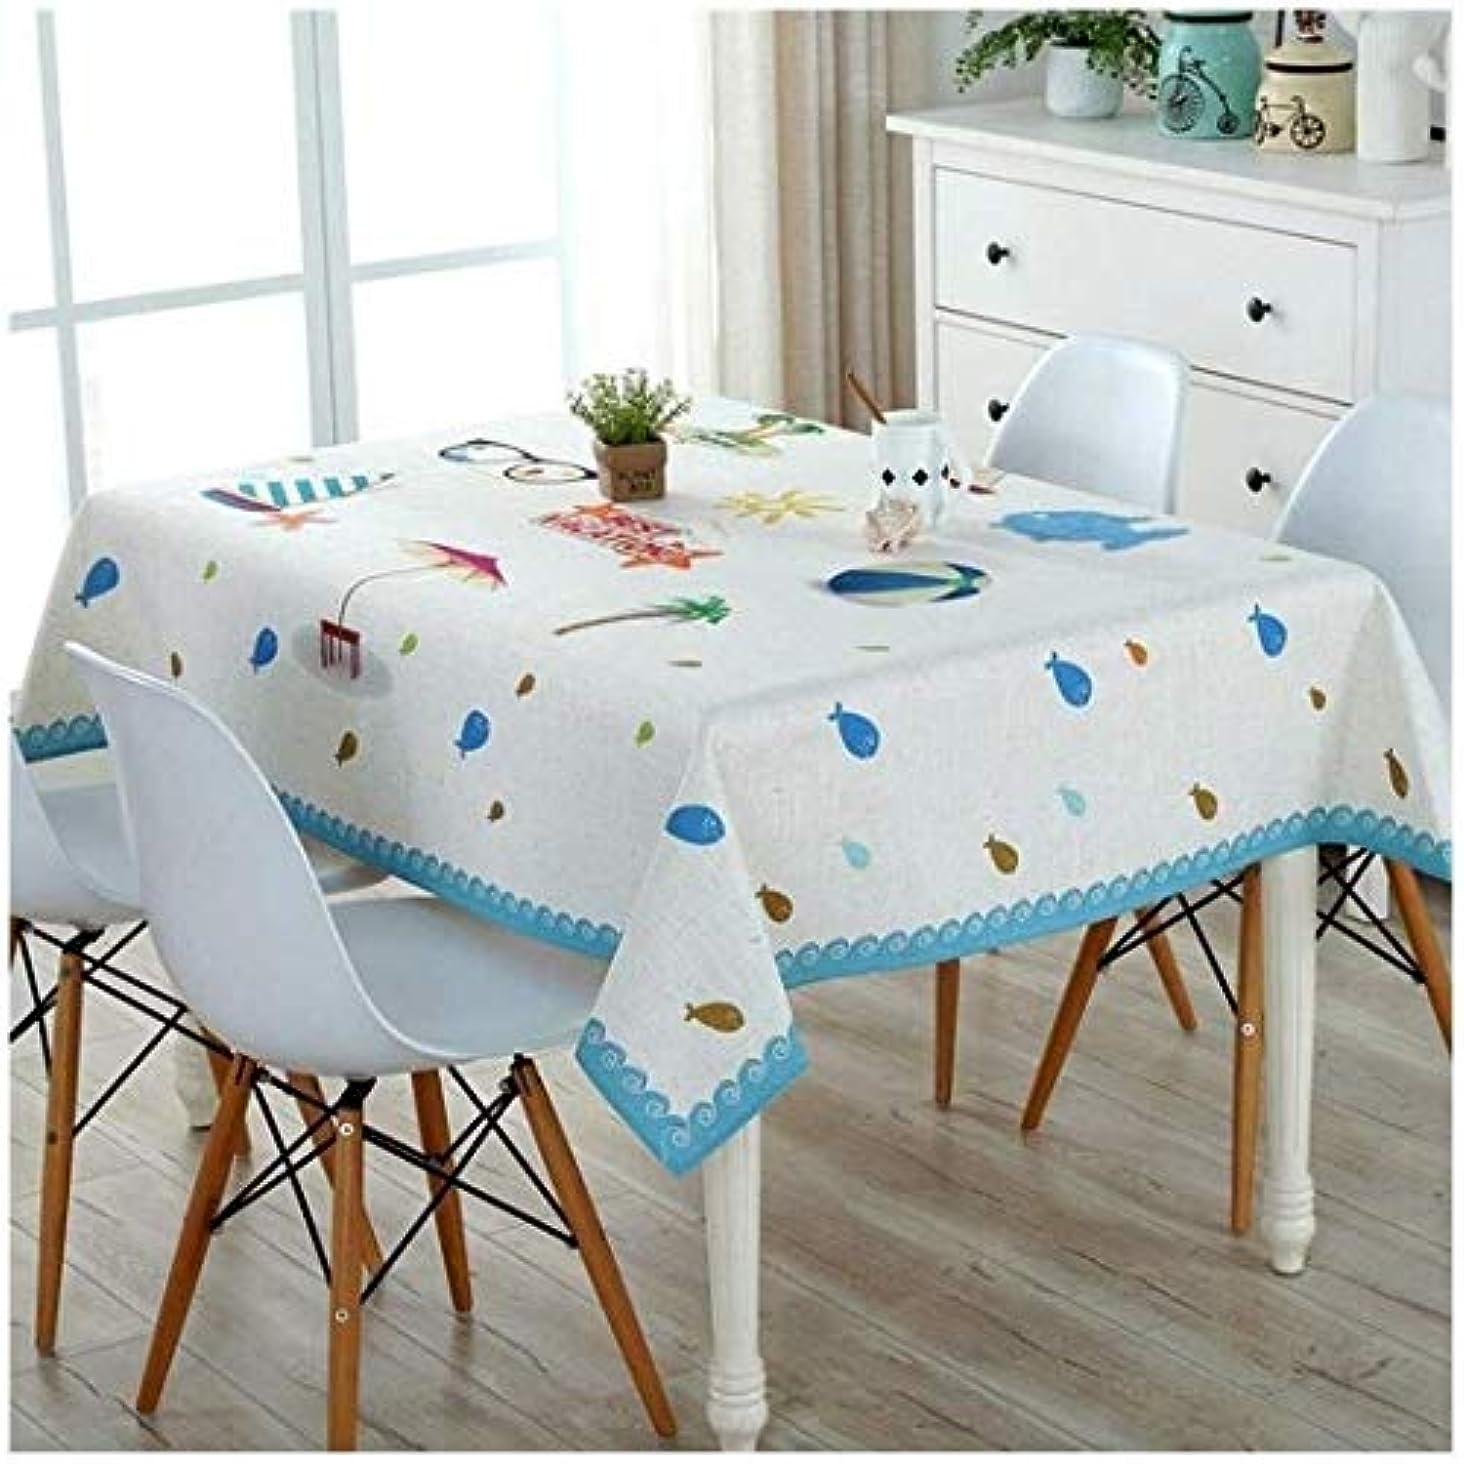 カバレッジいとこ美徳テーブルクロス、エレガントな白、青のホームテーブルクロス多機能屋外パーティーパーティー長方形のテーブルクロス通気性の綿と麻の生地の品質のテーブルクロス (Size : 110cm*110cm)